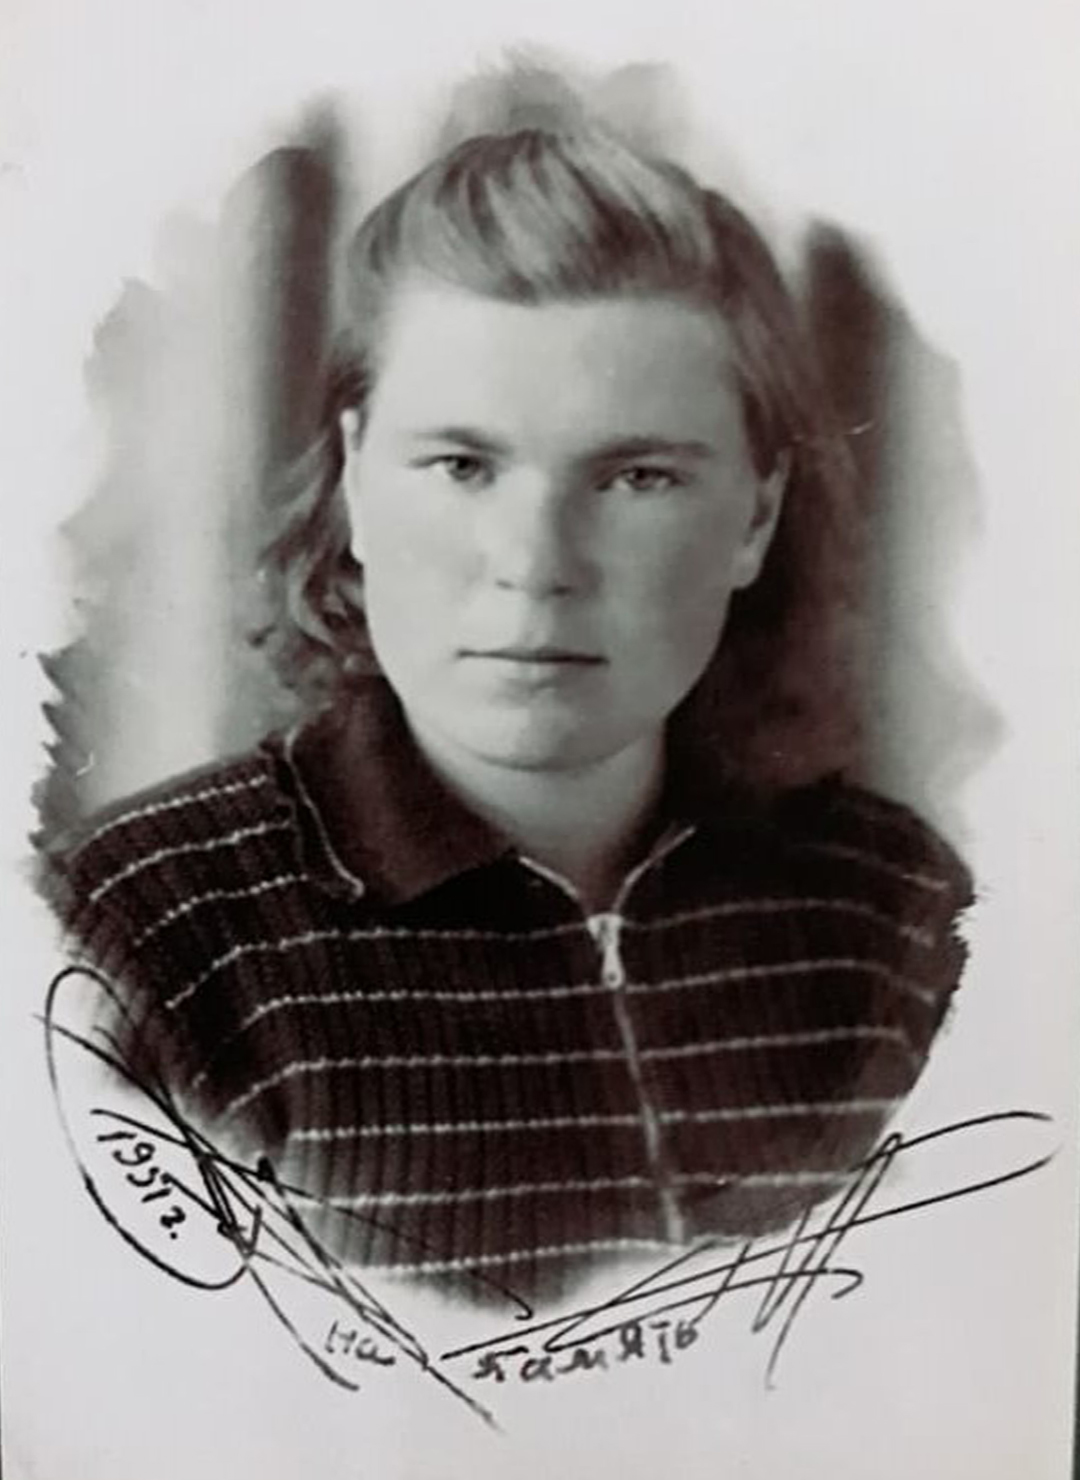 Нагорнова (Смольянинова) Антонина Григорьевна